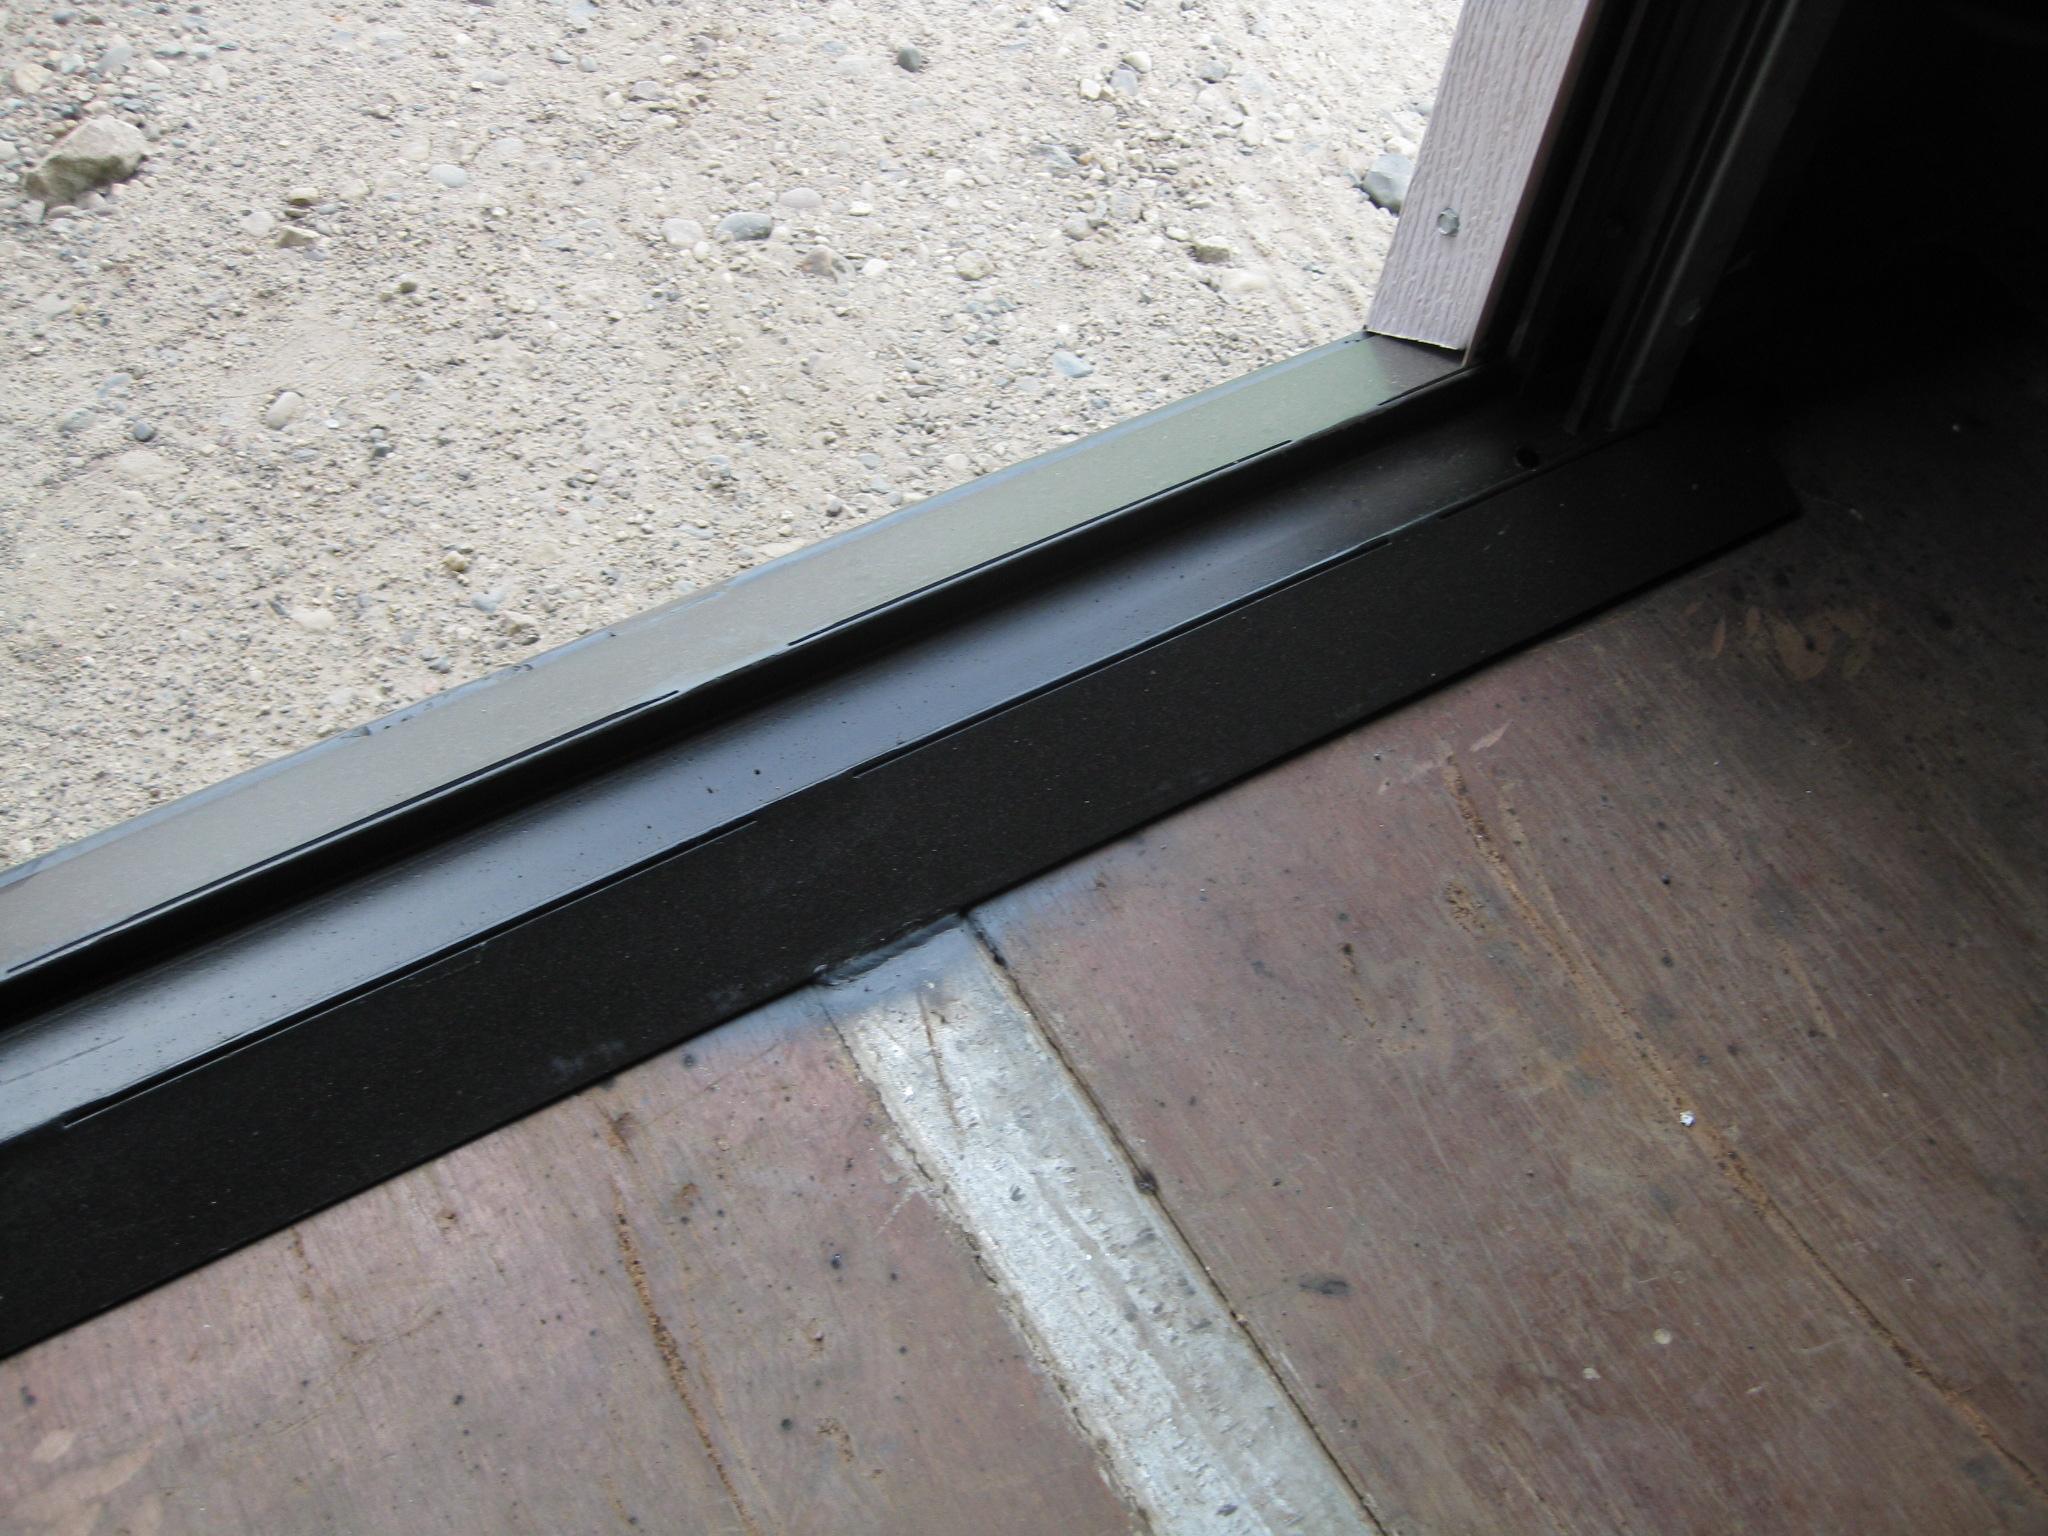 Roll-up door threshold